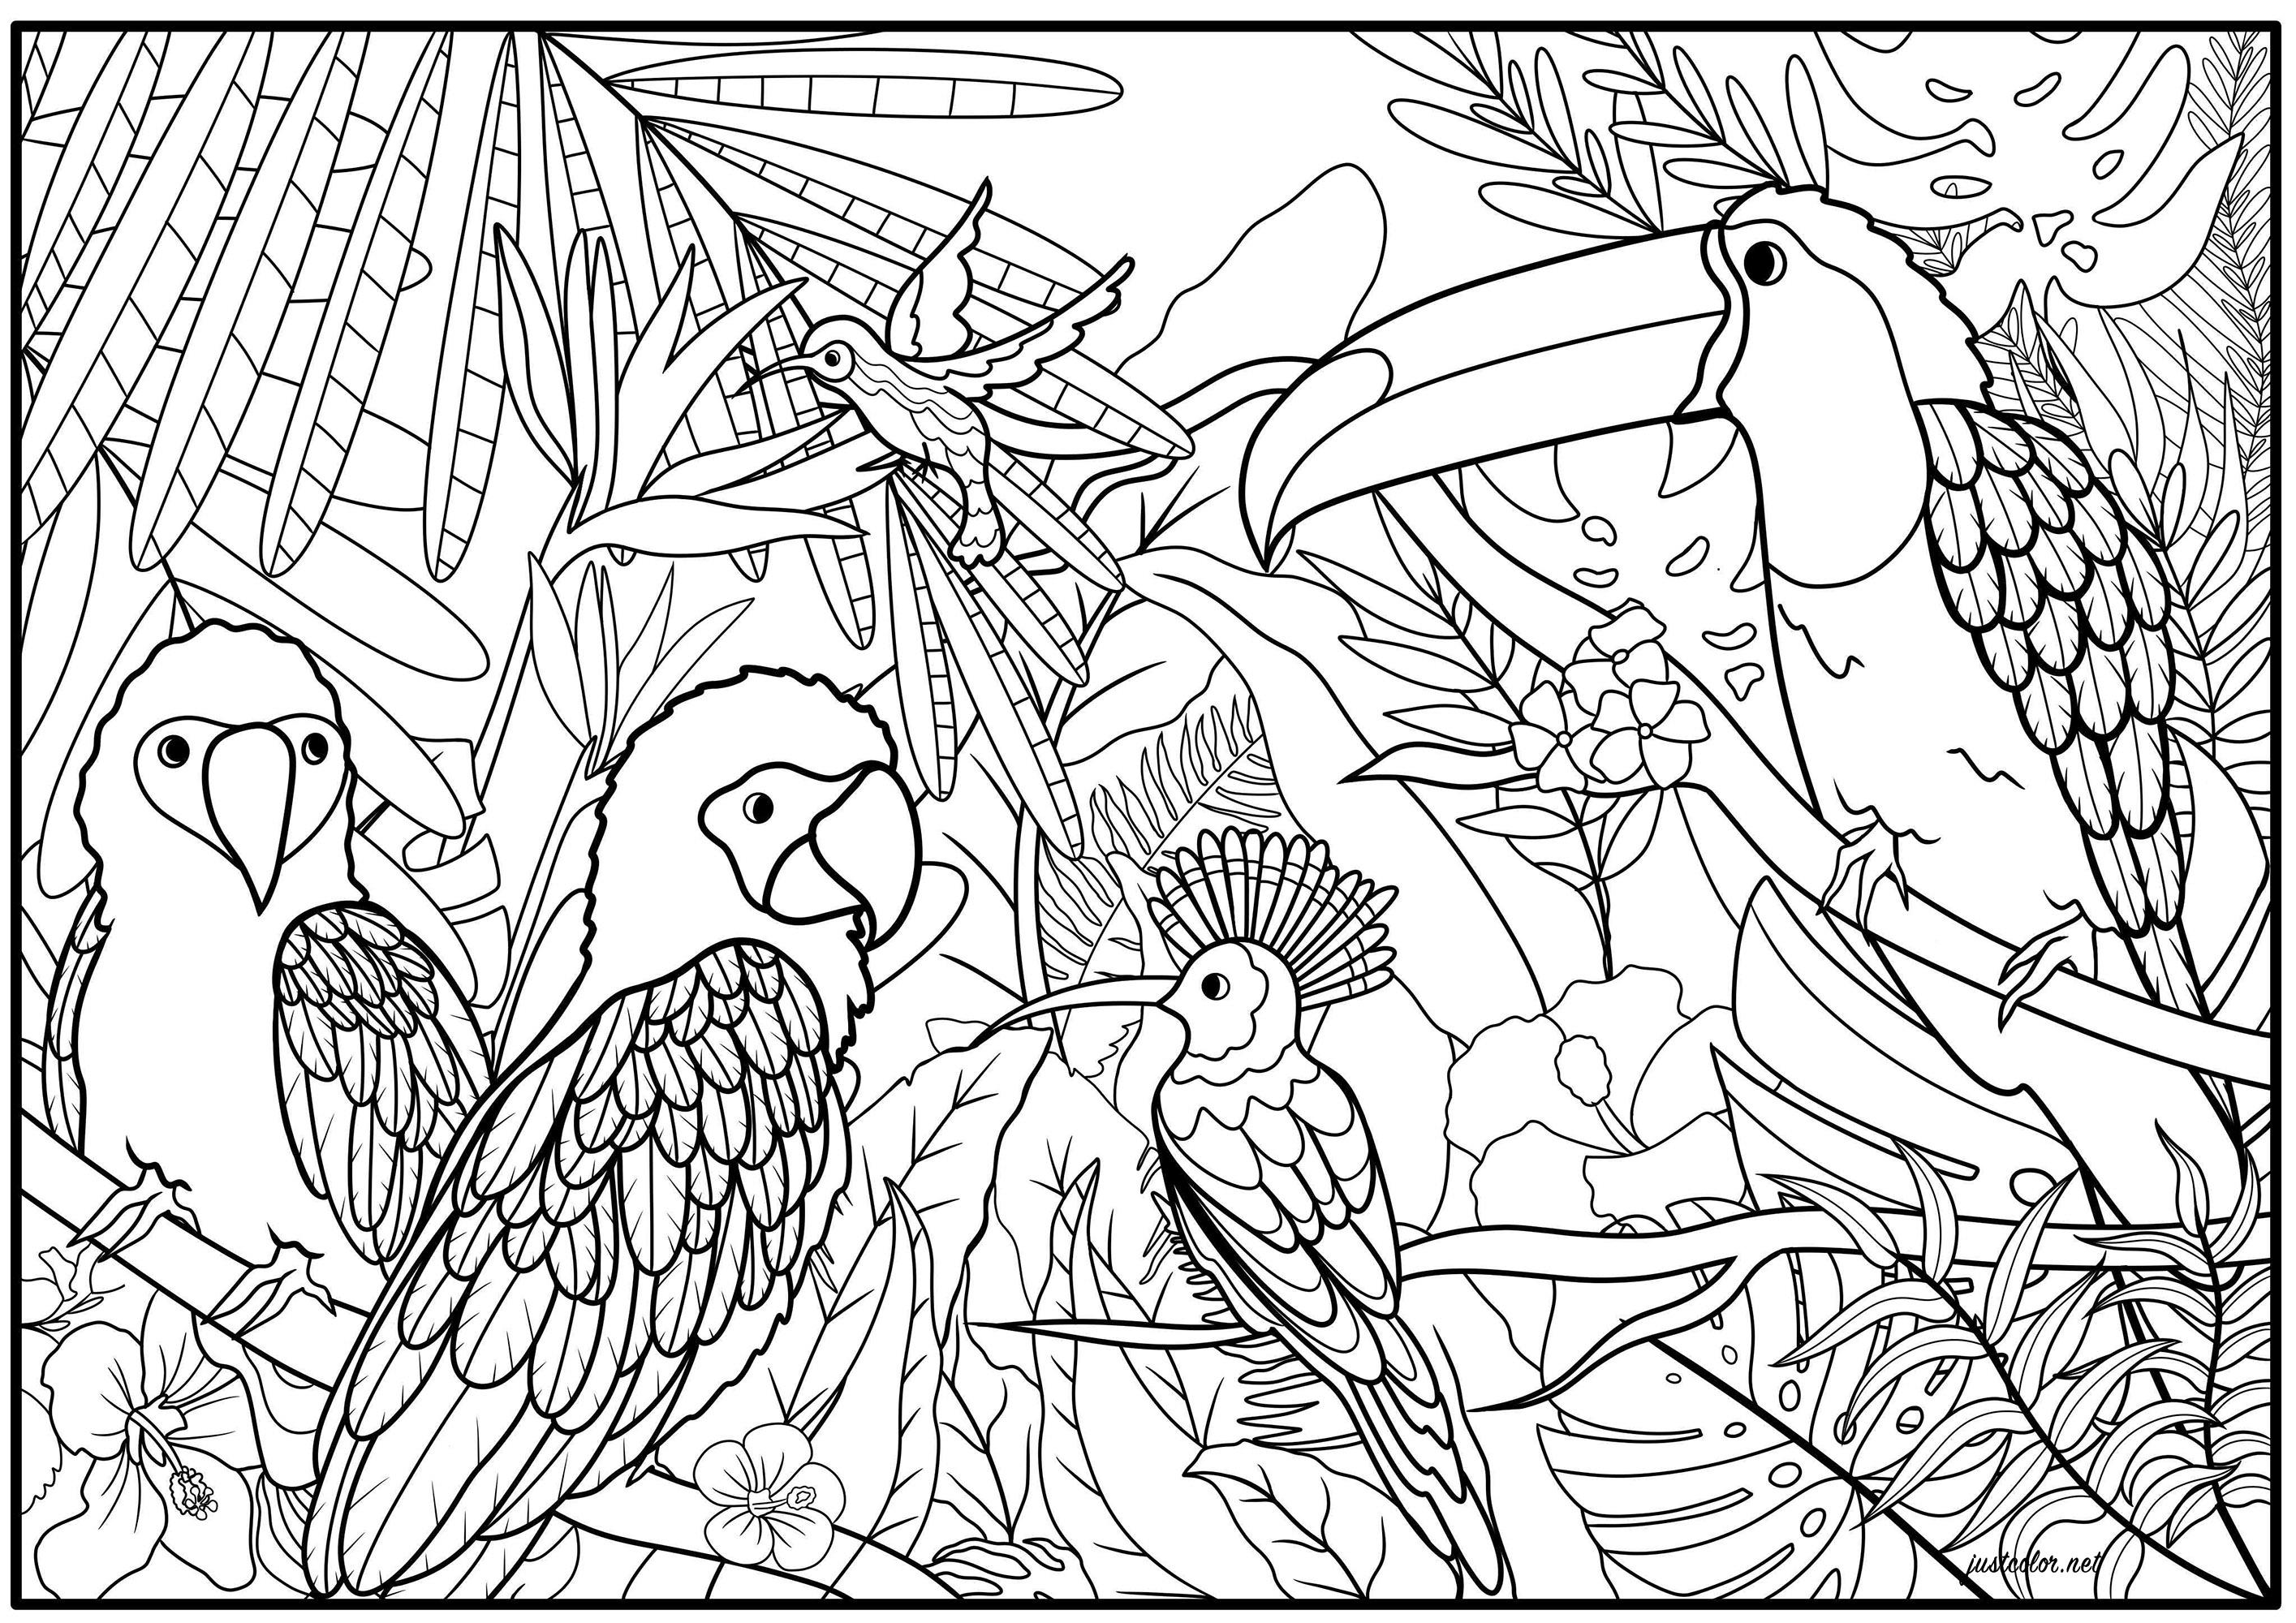 Ensemble de cinq oiseaux exotiques tel que des perroquets, un goura couronné, un colibri et un toucan, dans leur habitat naturel